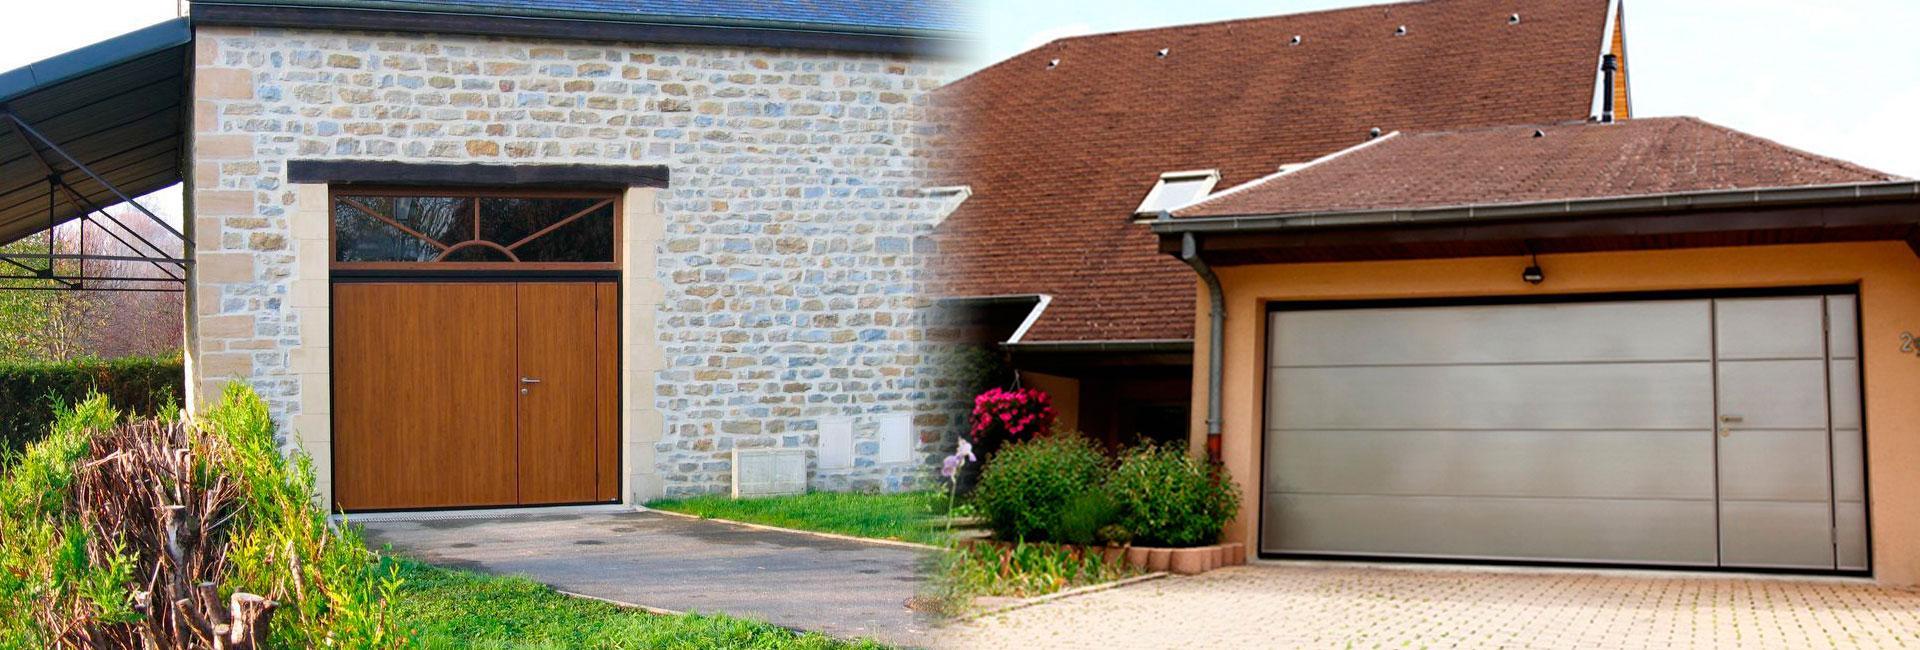 Scf solutions porte de garage for Garage partenaire direct assurance